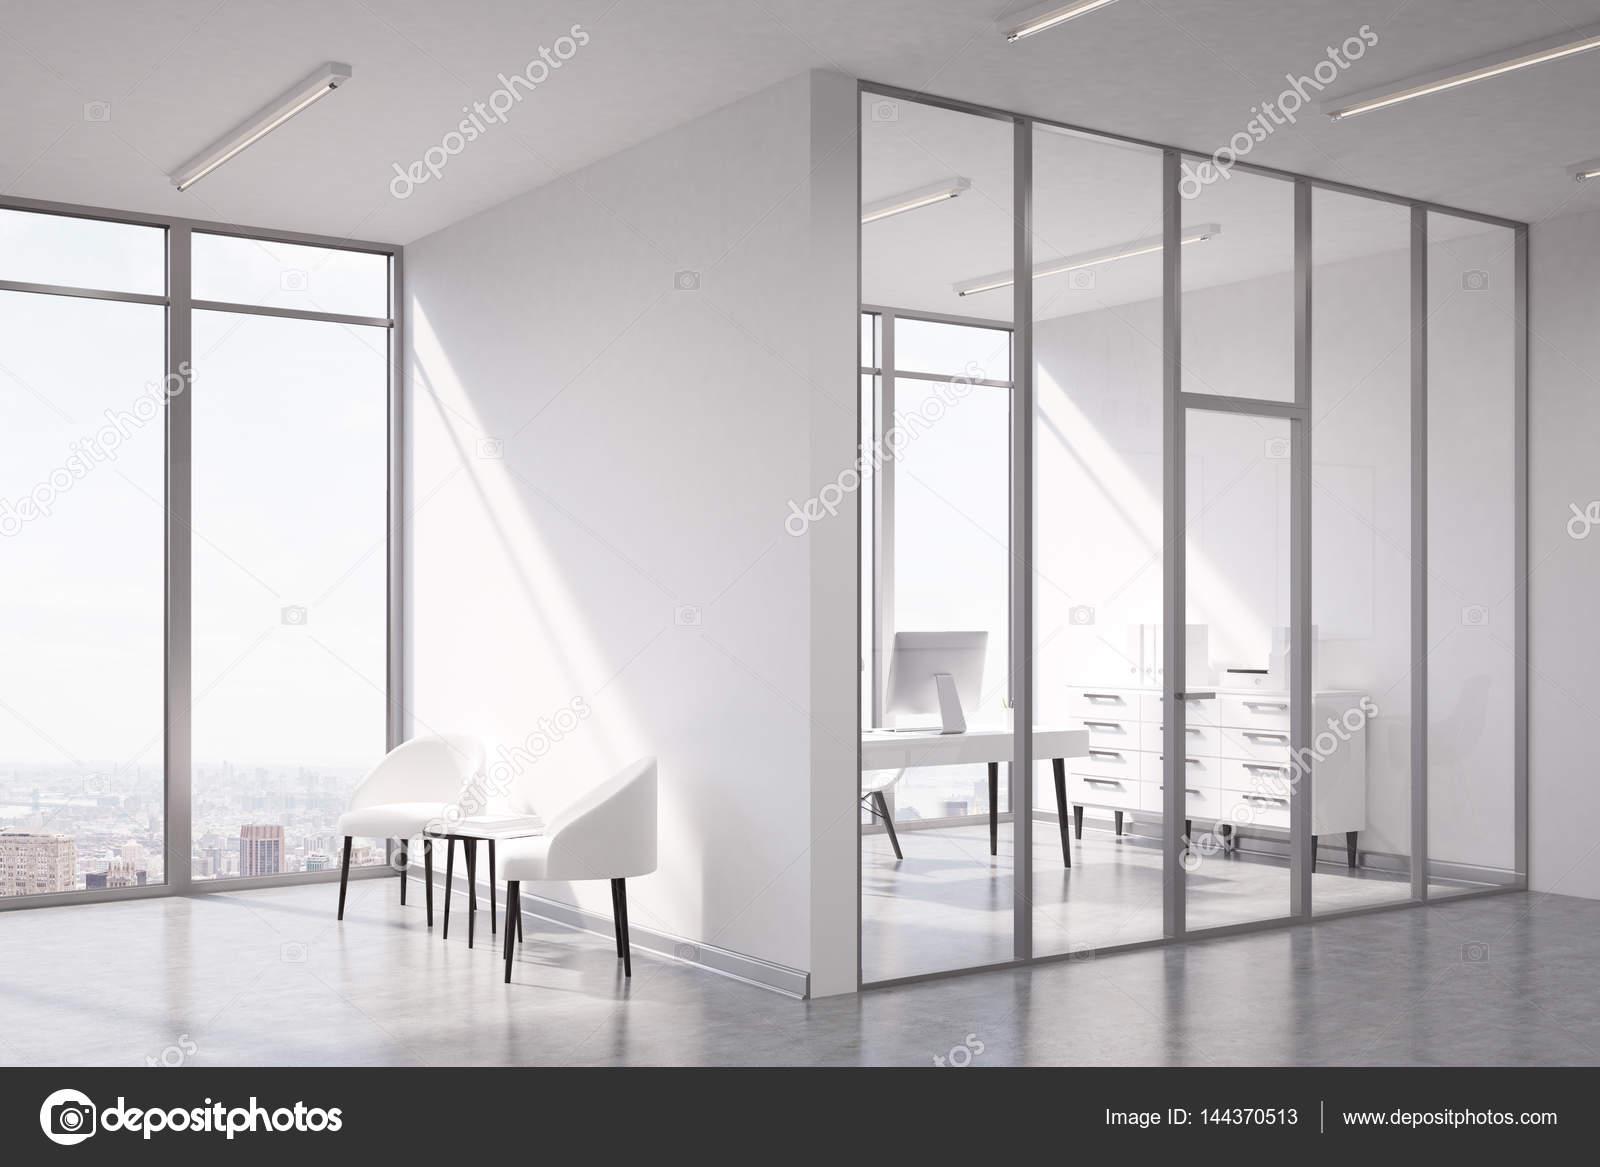 Wachten gebied en ceo kamer glas u stockfoto denisismagilov